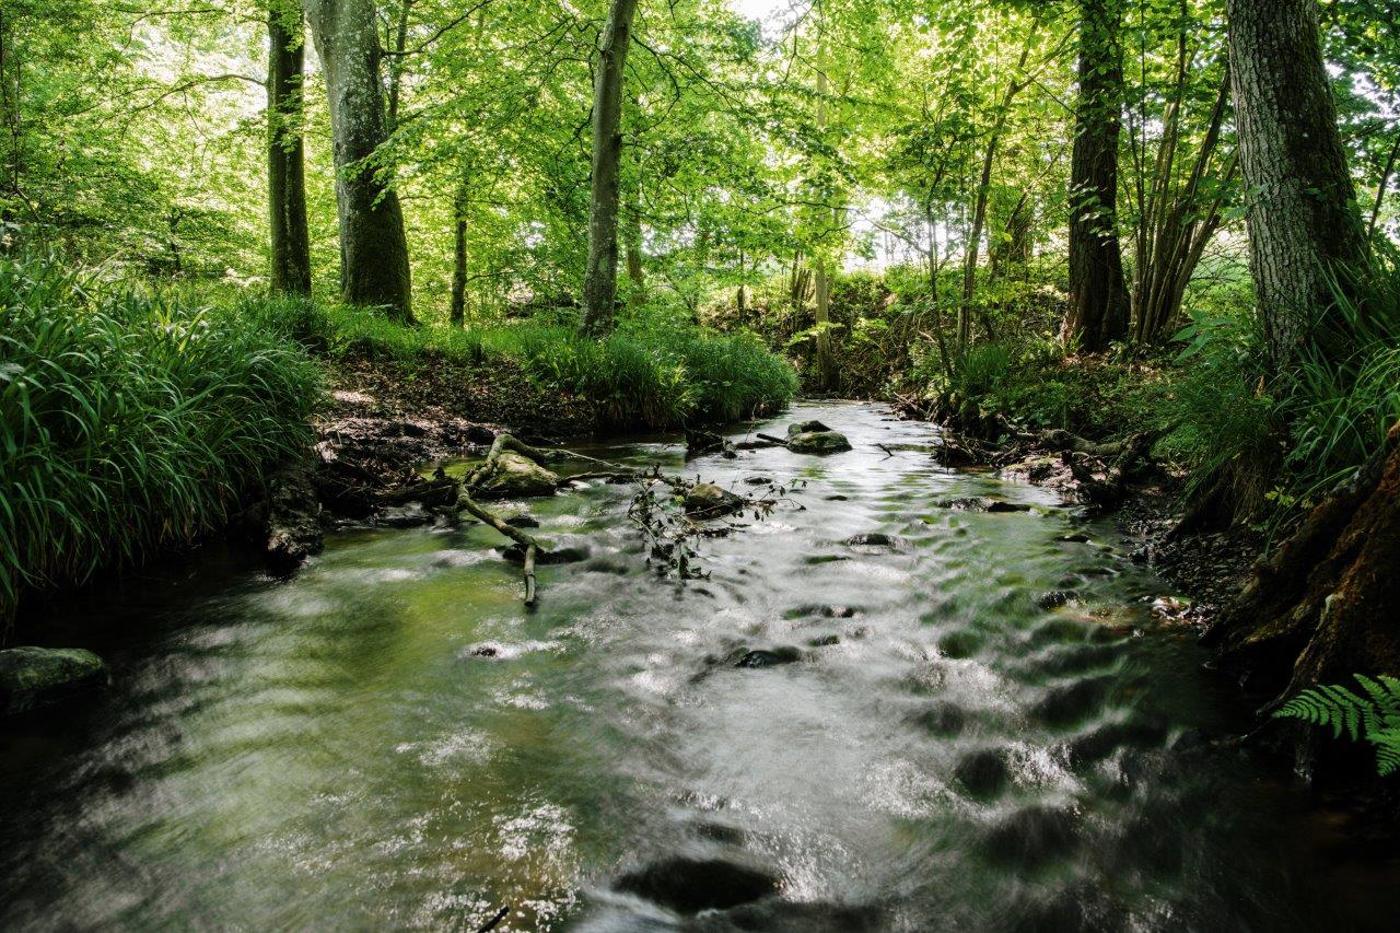 10 unikke naturområder: Oplev naturperler, der er udvalgt til Aarhus' Naturkanon